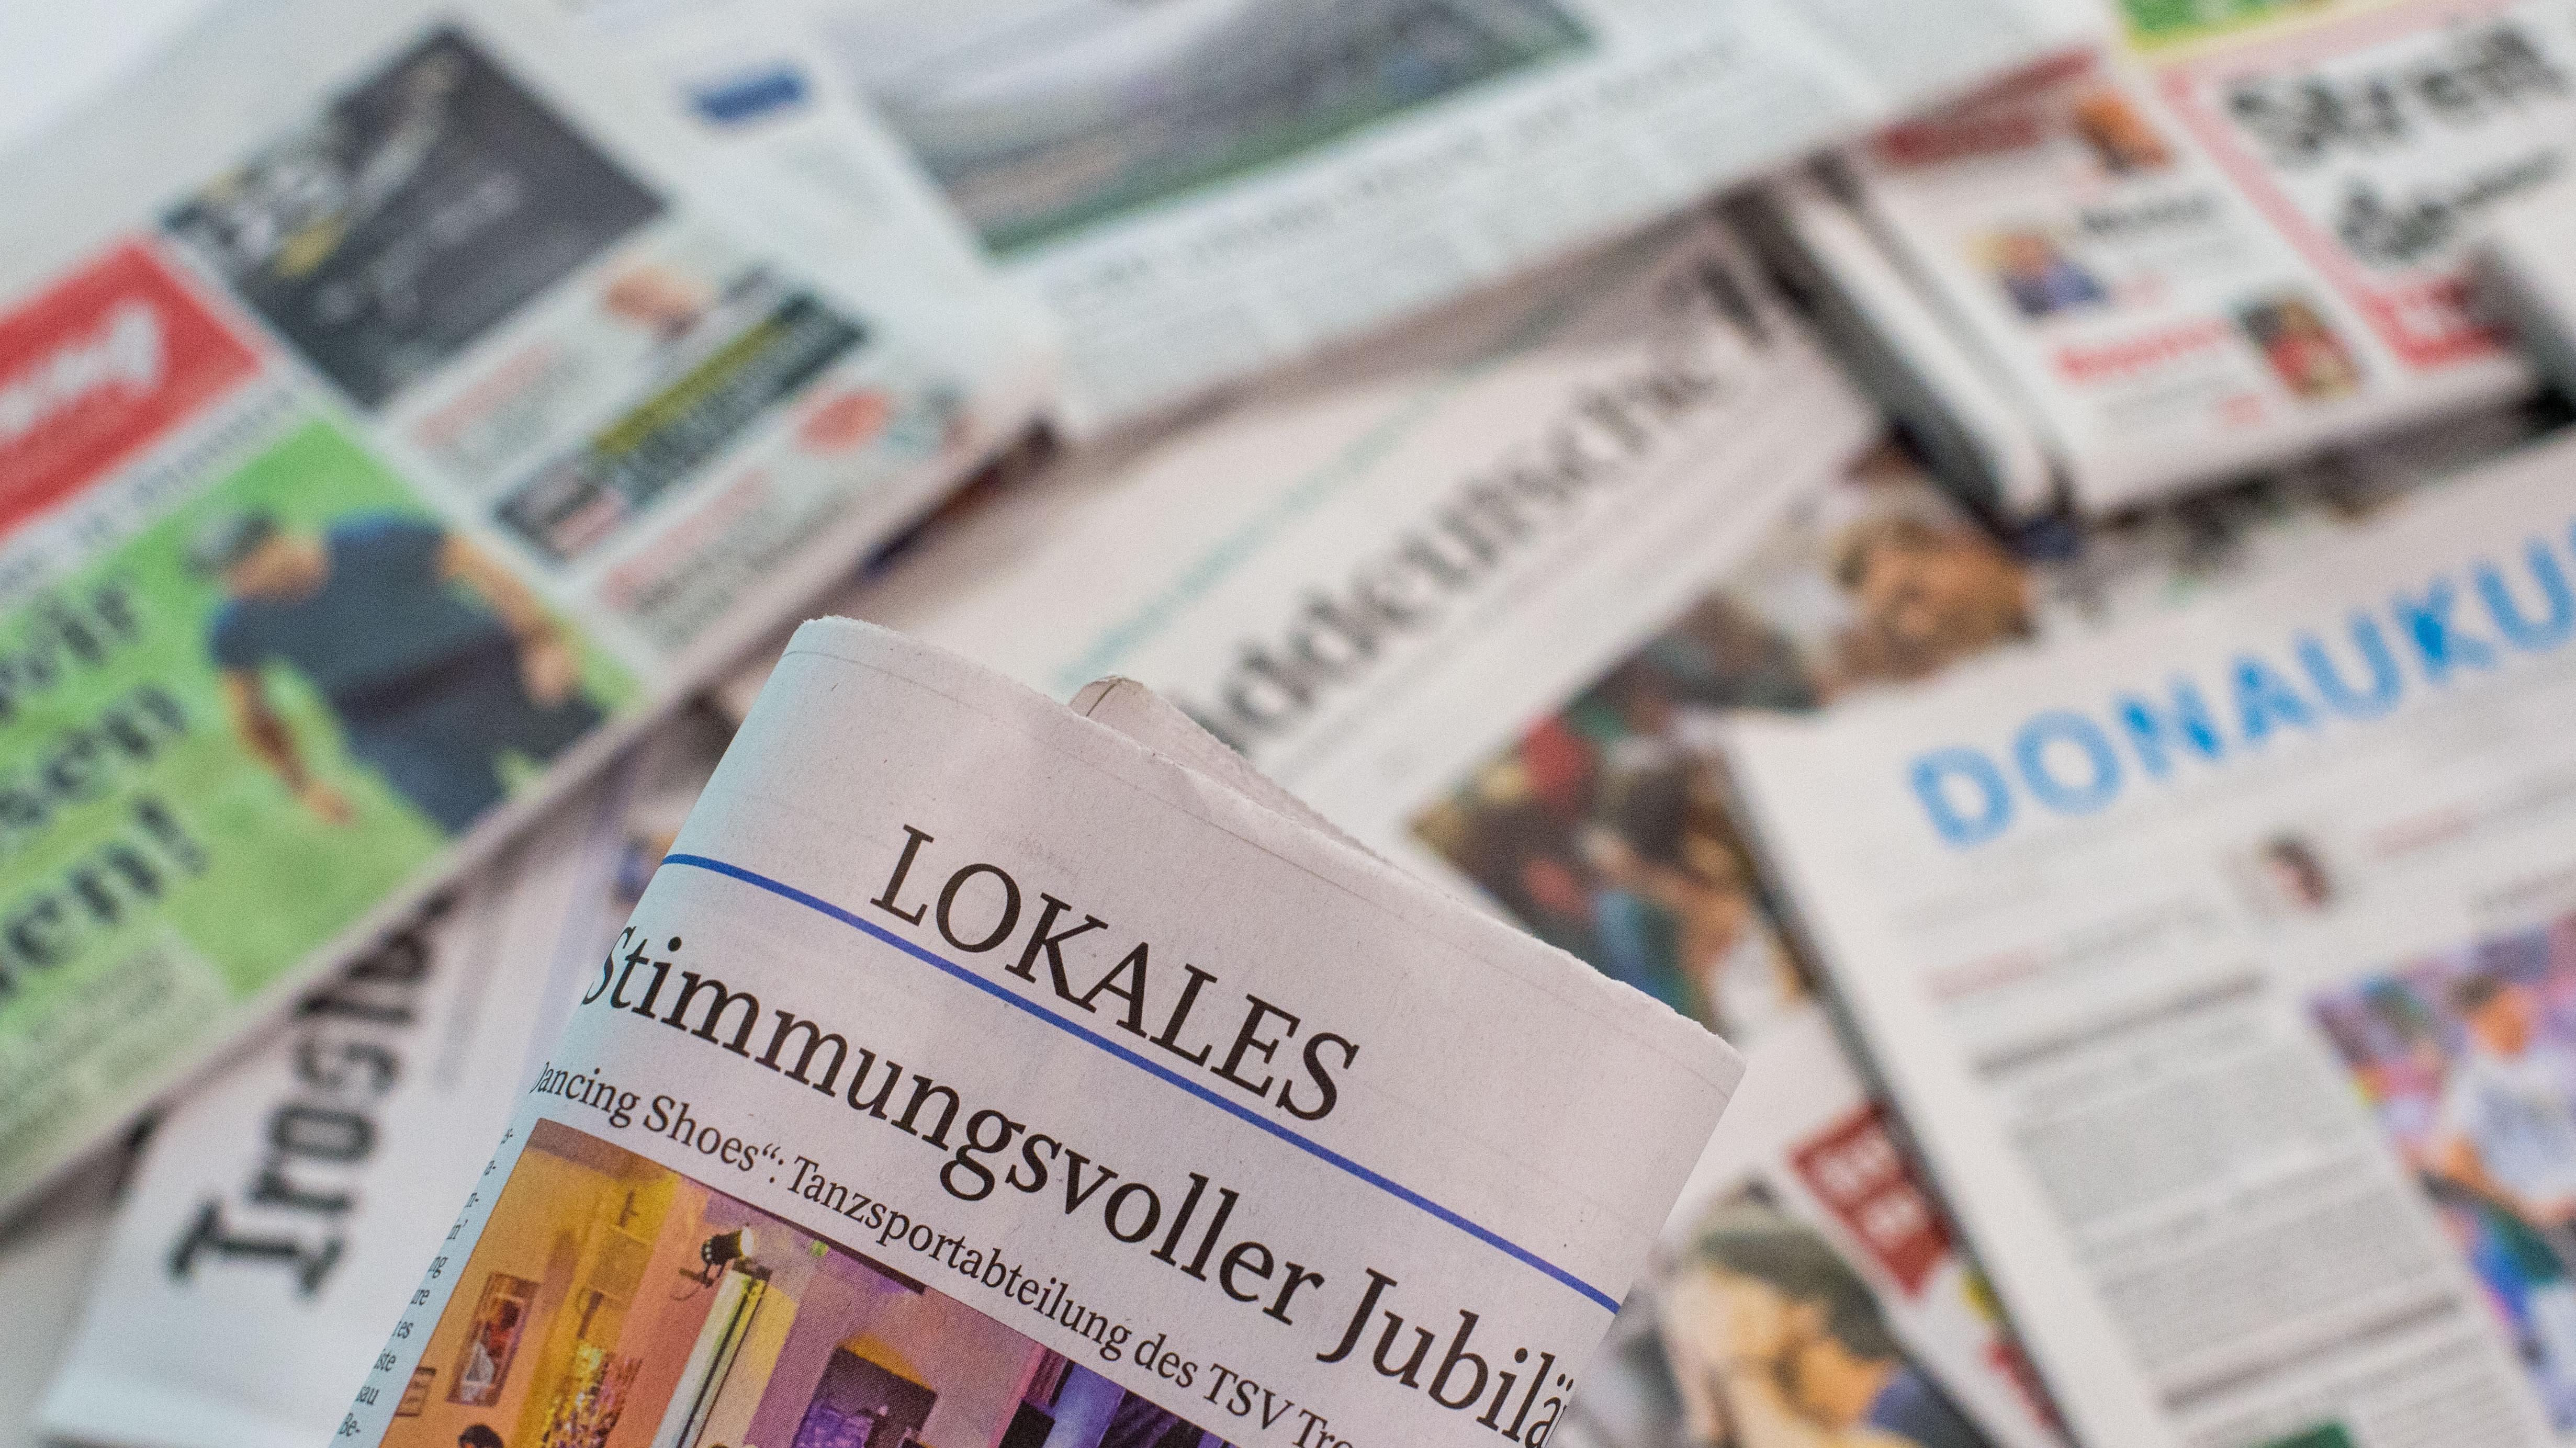 Verschiedene bayerische Loaklzeitungen liegen übereinander